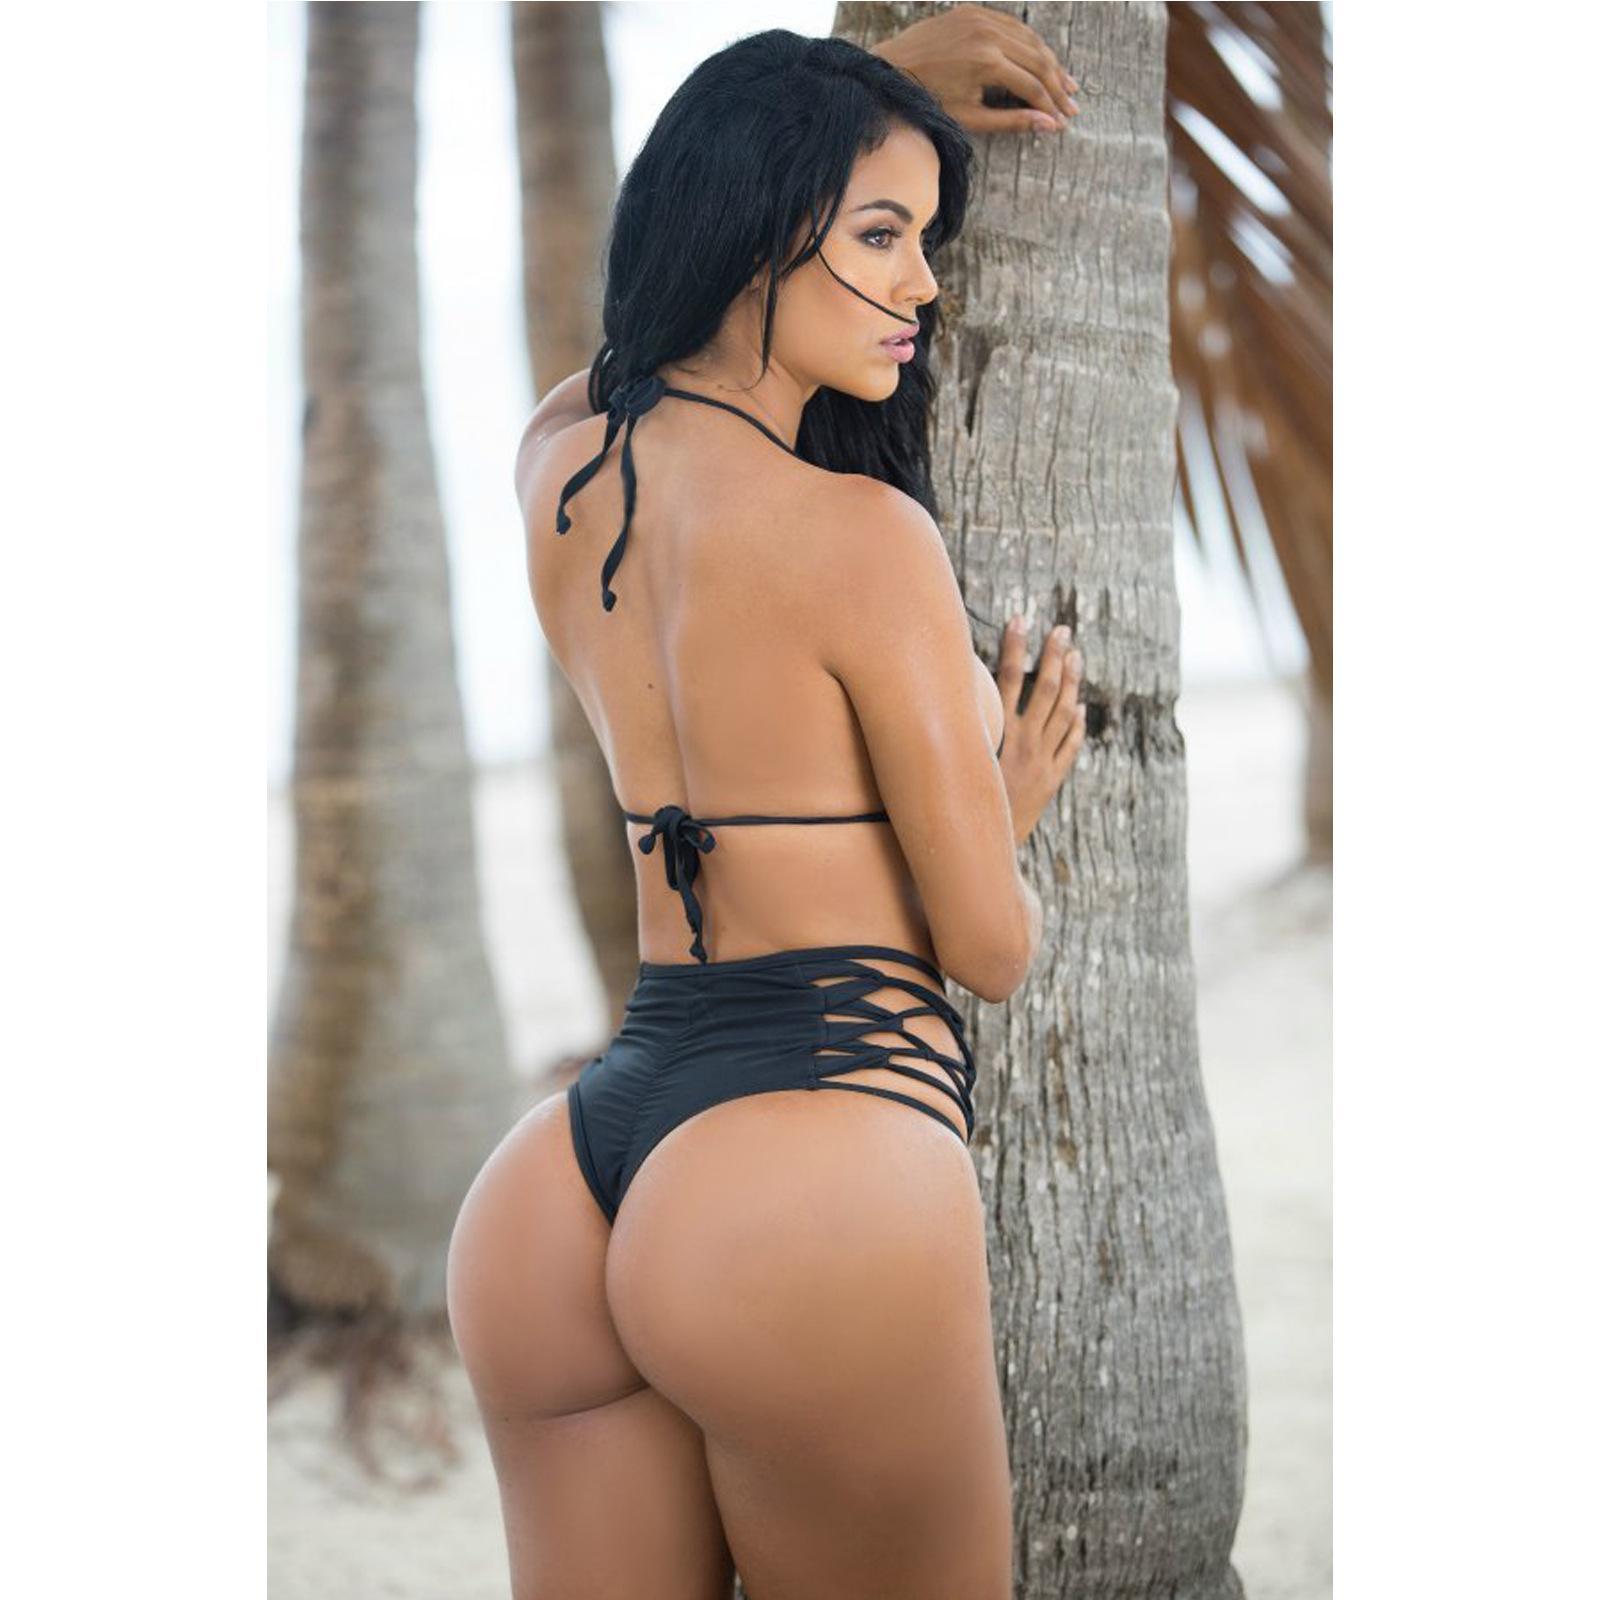 2016 Sexy Günstige Riemchen Bandage Hohe Taille Bikini Bottom aushöhlen Schwarz Neckholder String Badeanzug Frauen Badeanzug Bademode